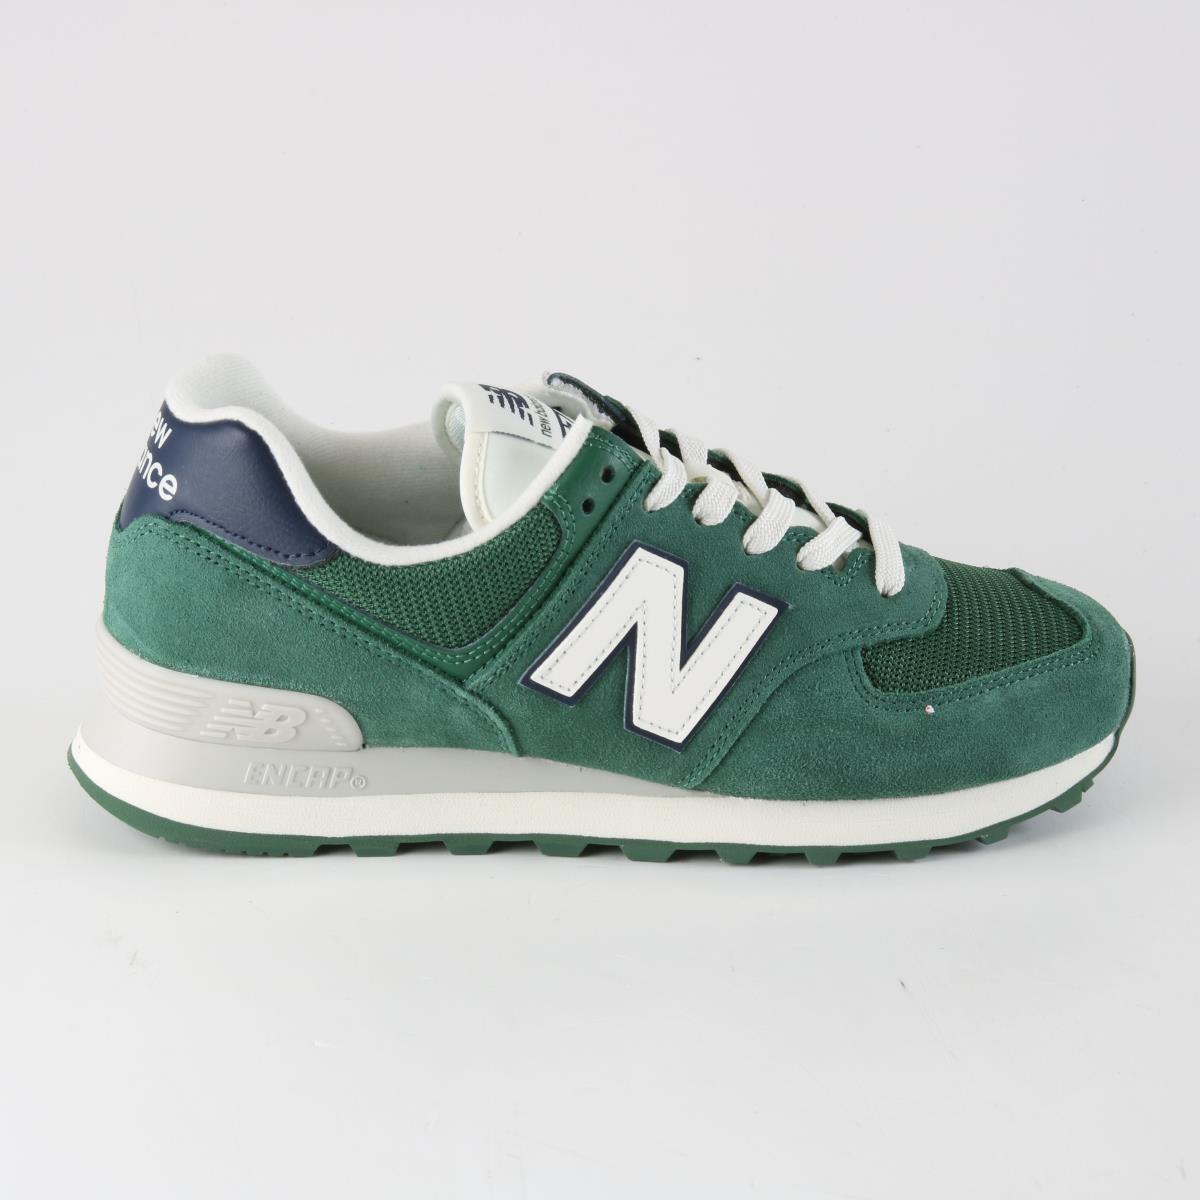 scarpe new balance brescia